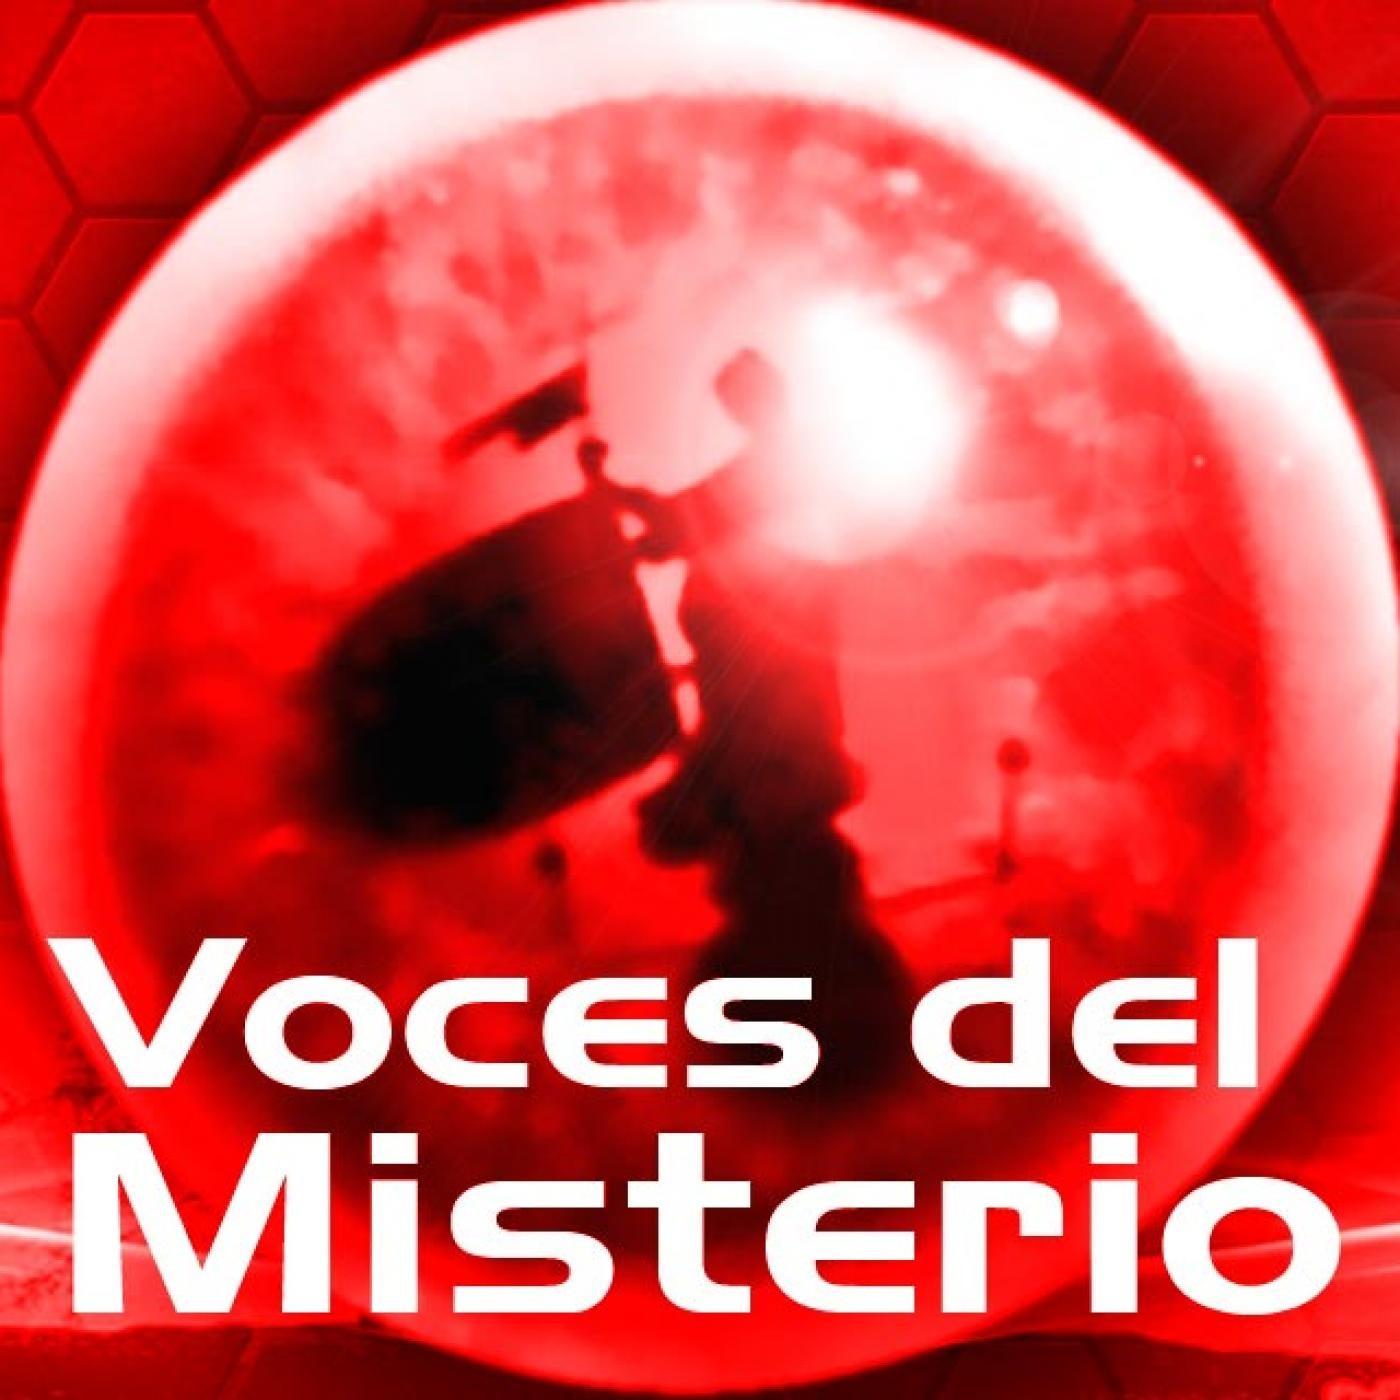 Voces del Misterio ESPECIAL: Extremadura insólita (8) / Tesoro Mérida,Cristo Rayo,Mano Negra,Espada Puente Alcántara